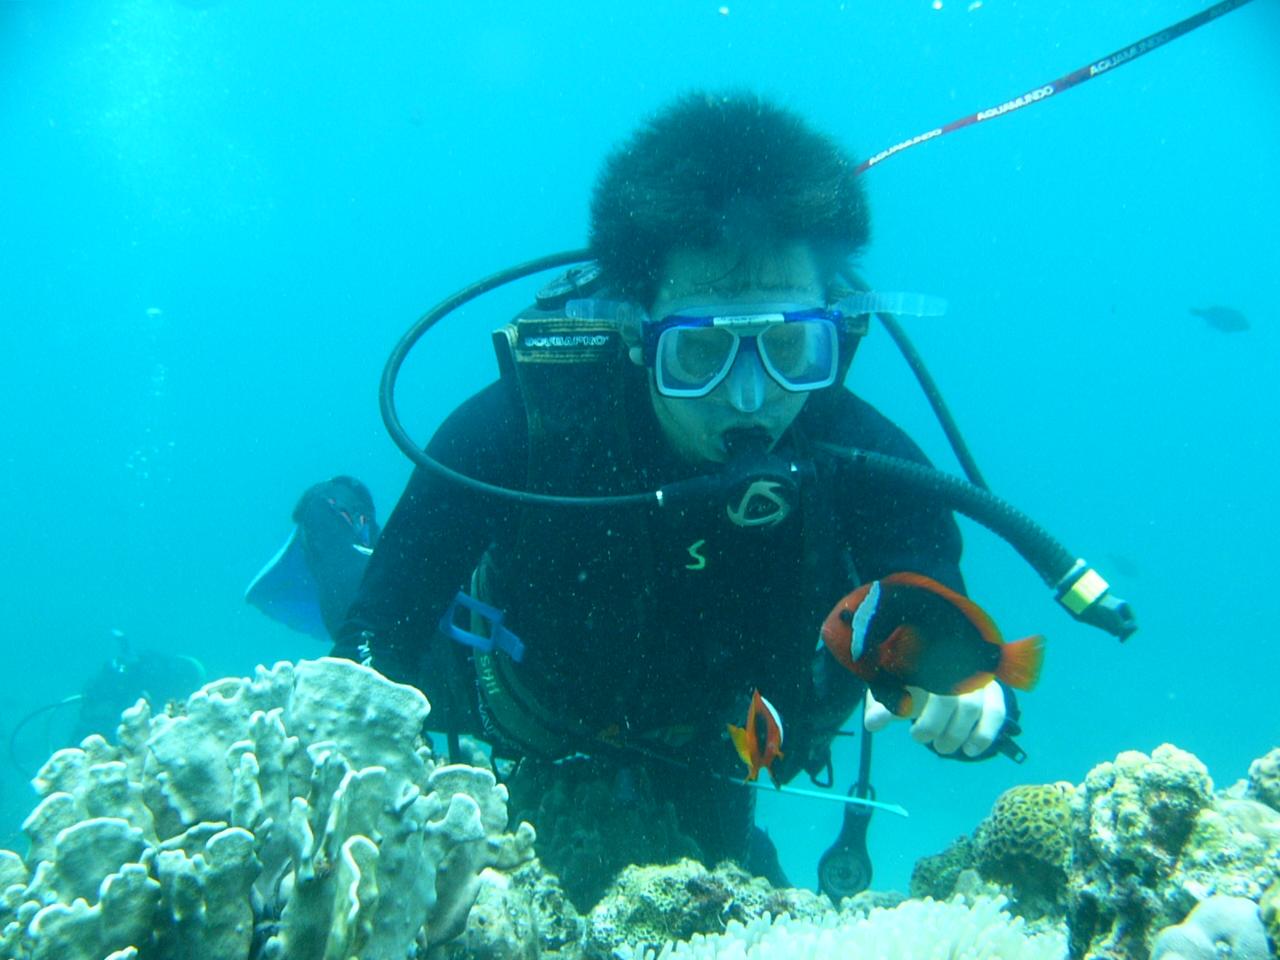 每月限定一名!!來學英文八週!!!可免費參加潛水活動及得到潛水執照喔!! - 讓你所學的英文運用在正確的方法上 ...